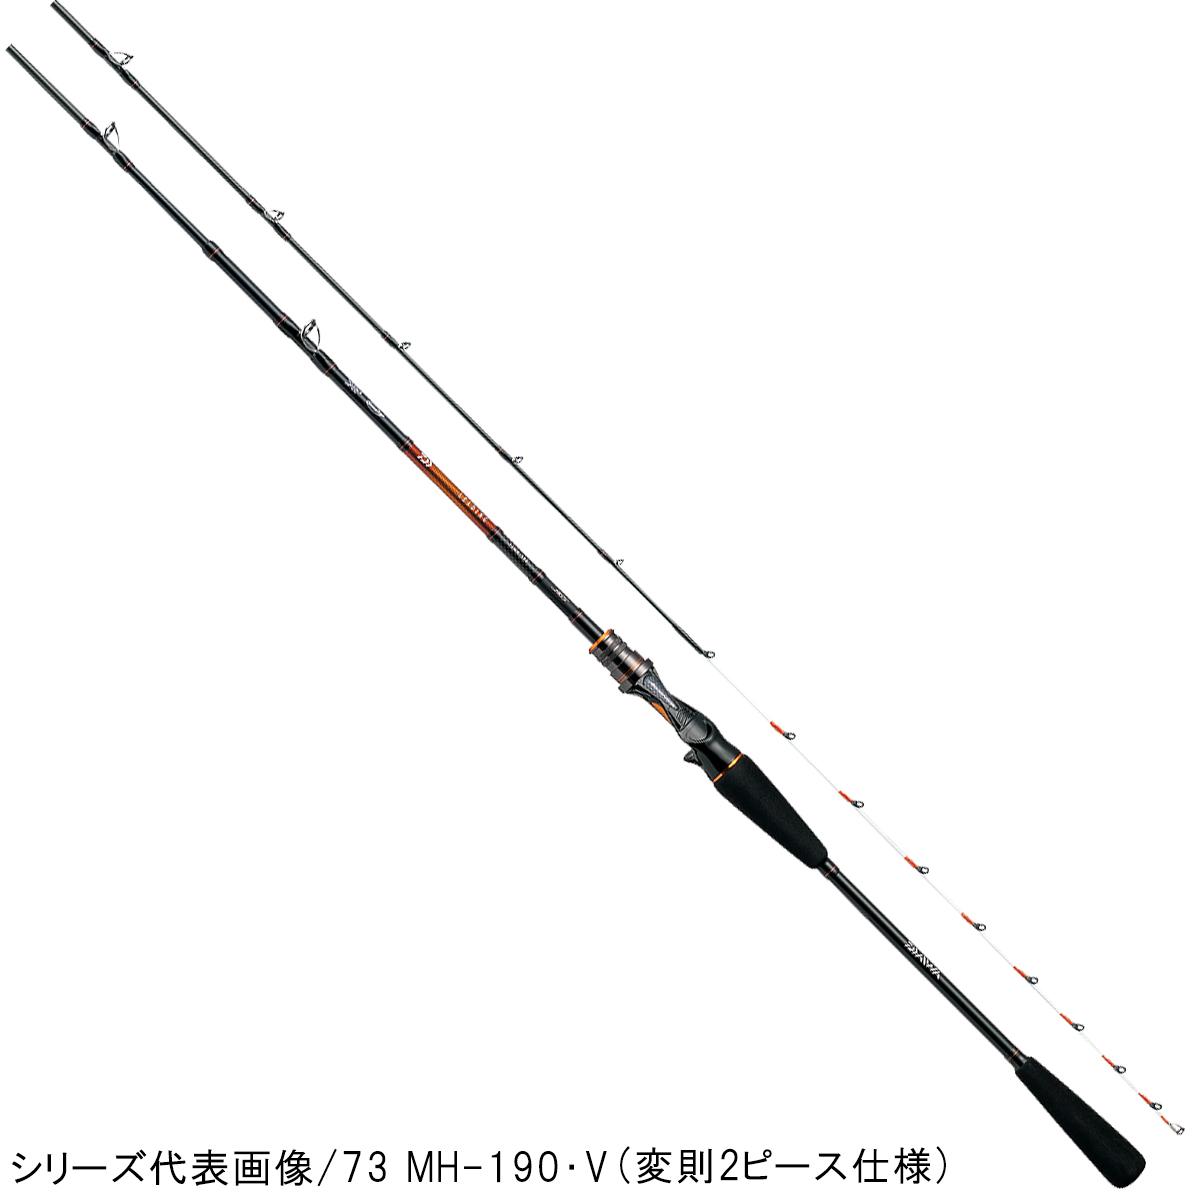 ダイワ リーディング 73 M-190・V(東日本店)